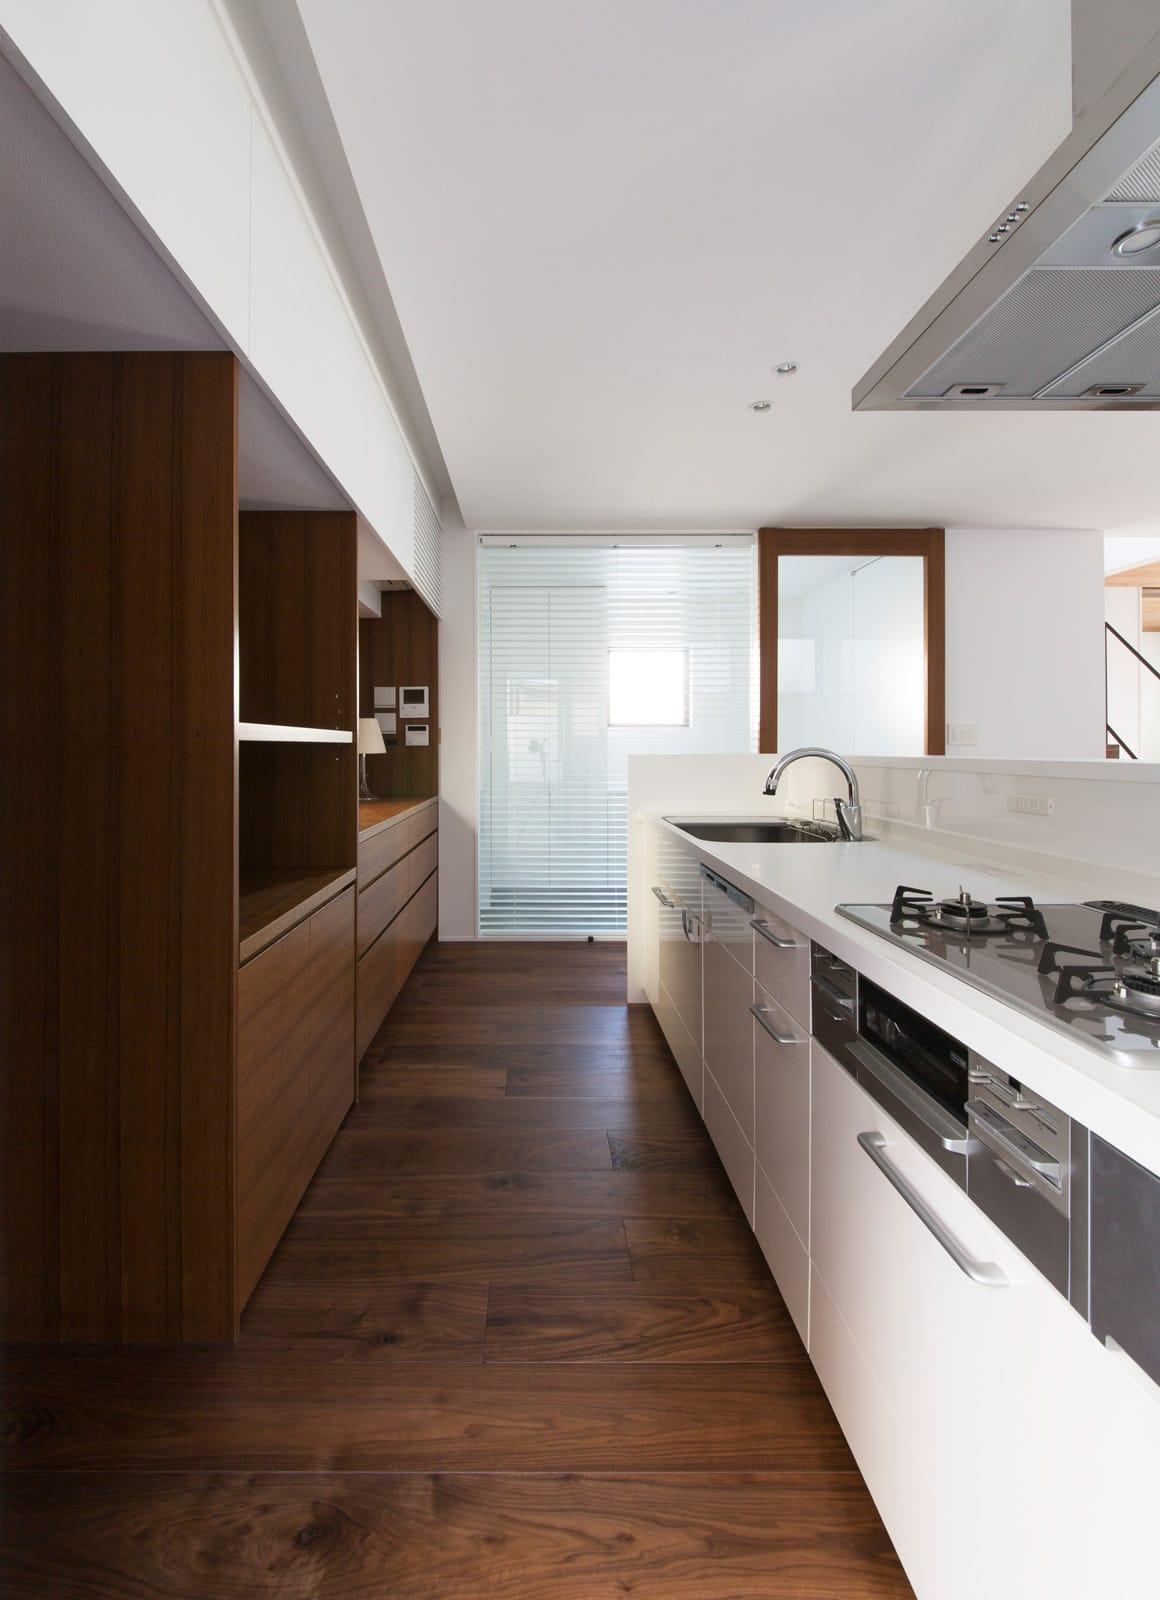 枚方ミッドセンチュリーハウスのキッチン1